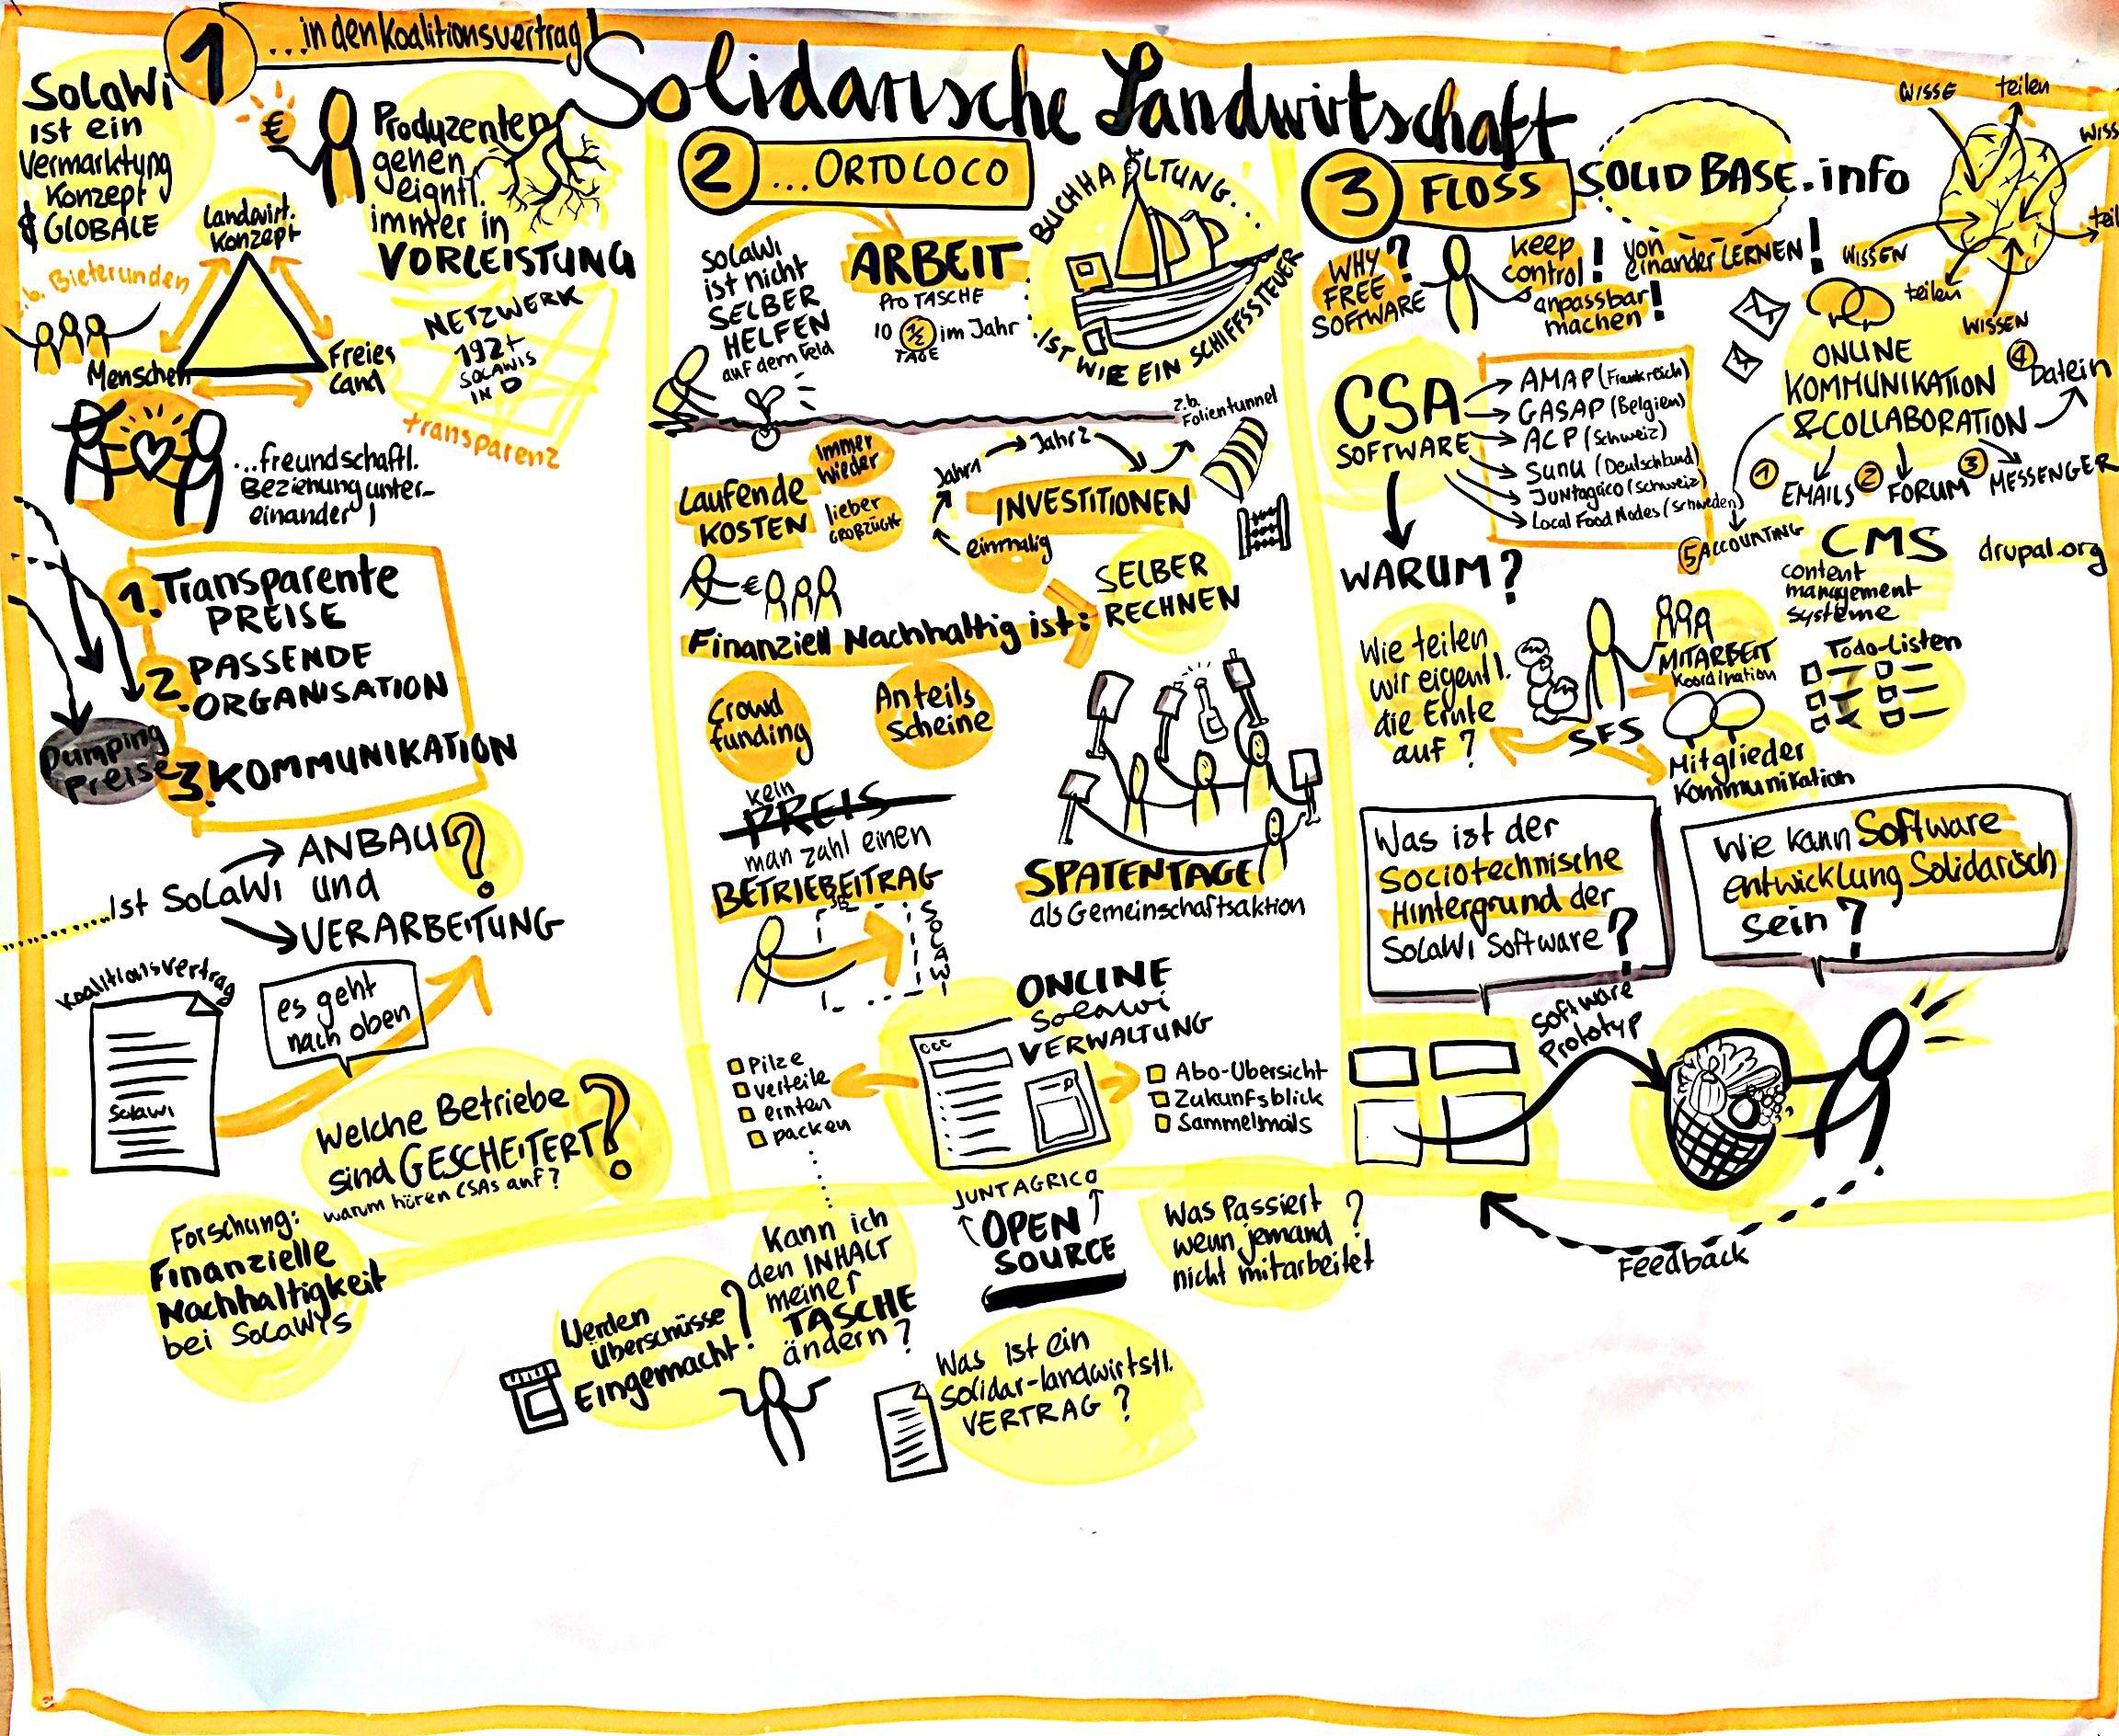 AgriKultur-Graphic-Recording_Solidarische-Landwirtschaft